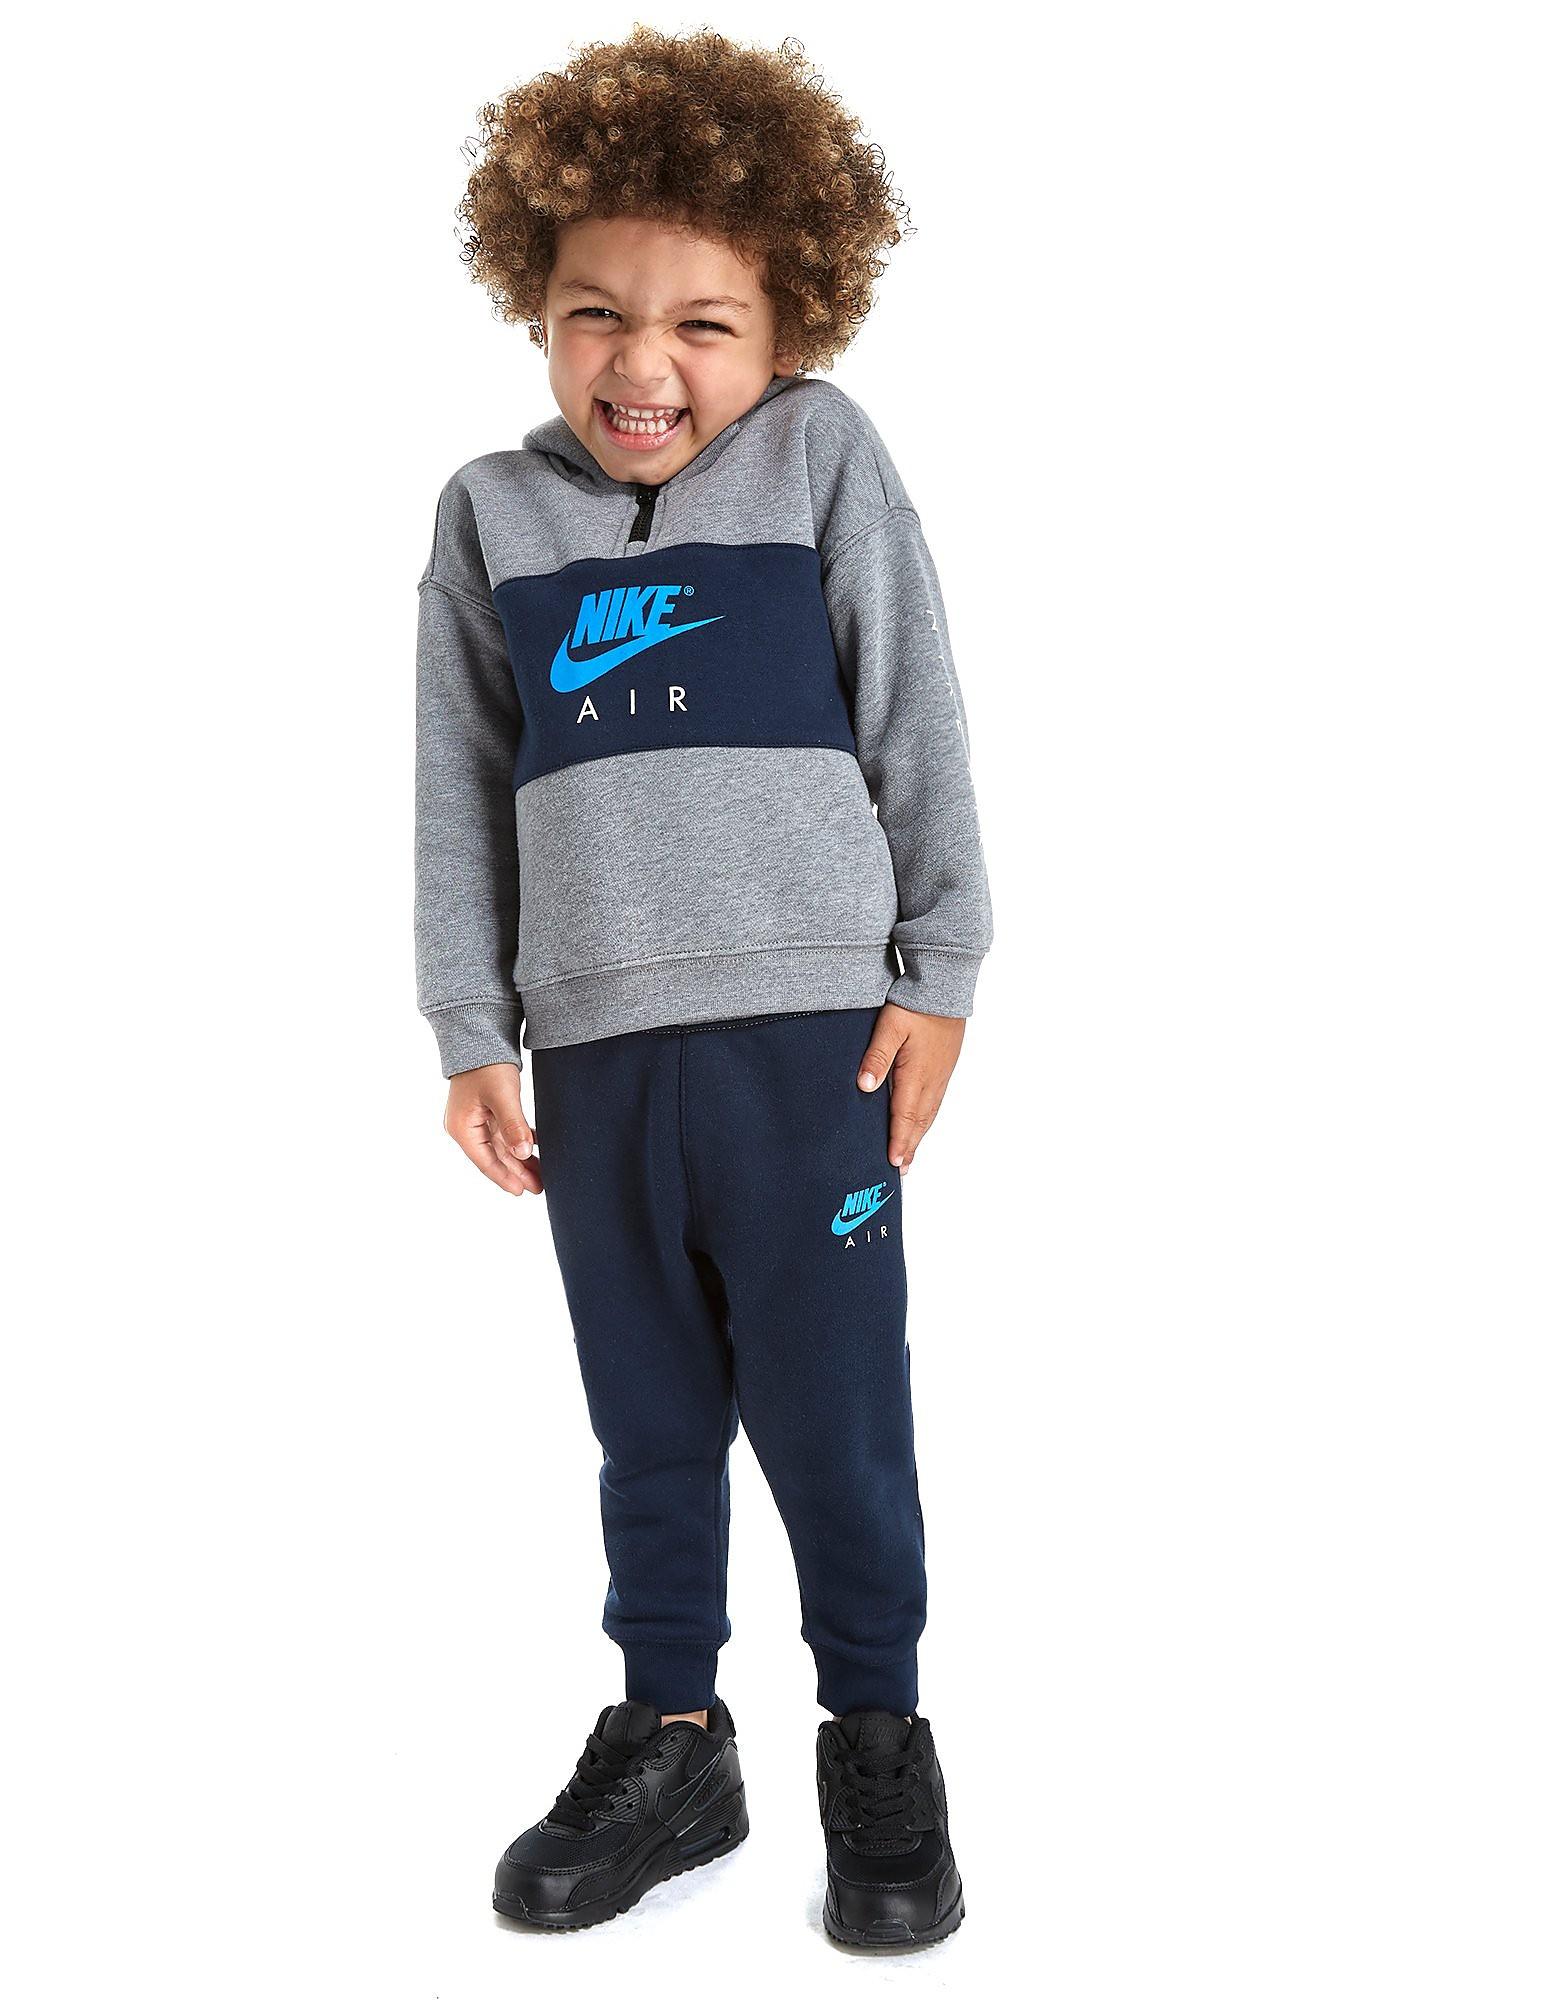 Nike Air 1/4 Zip Tracksuit Infants'